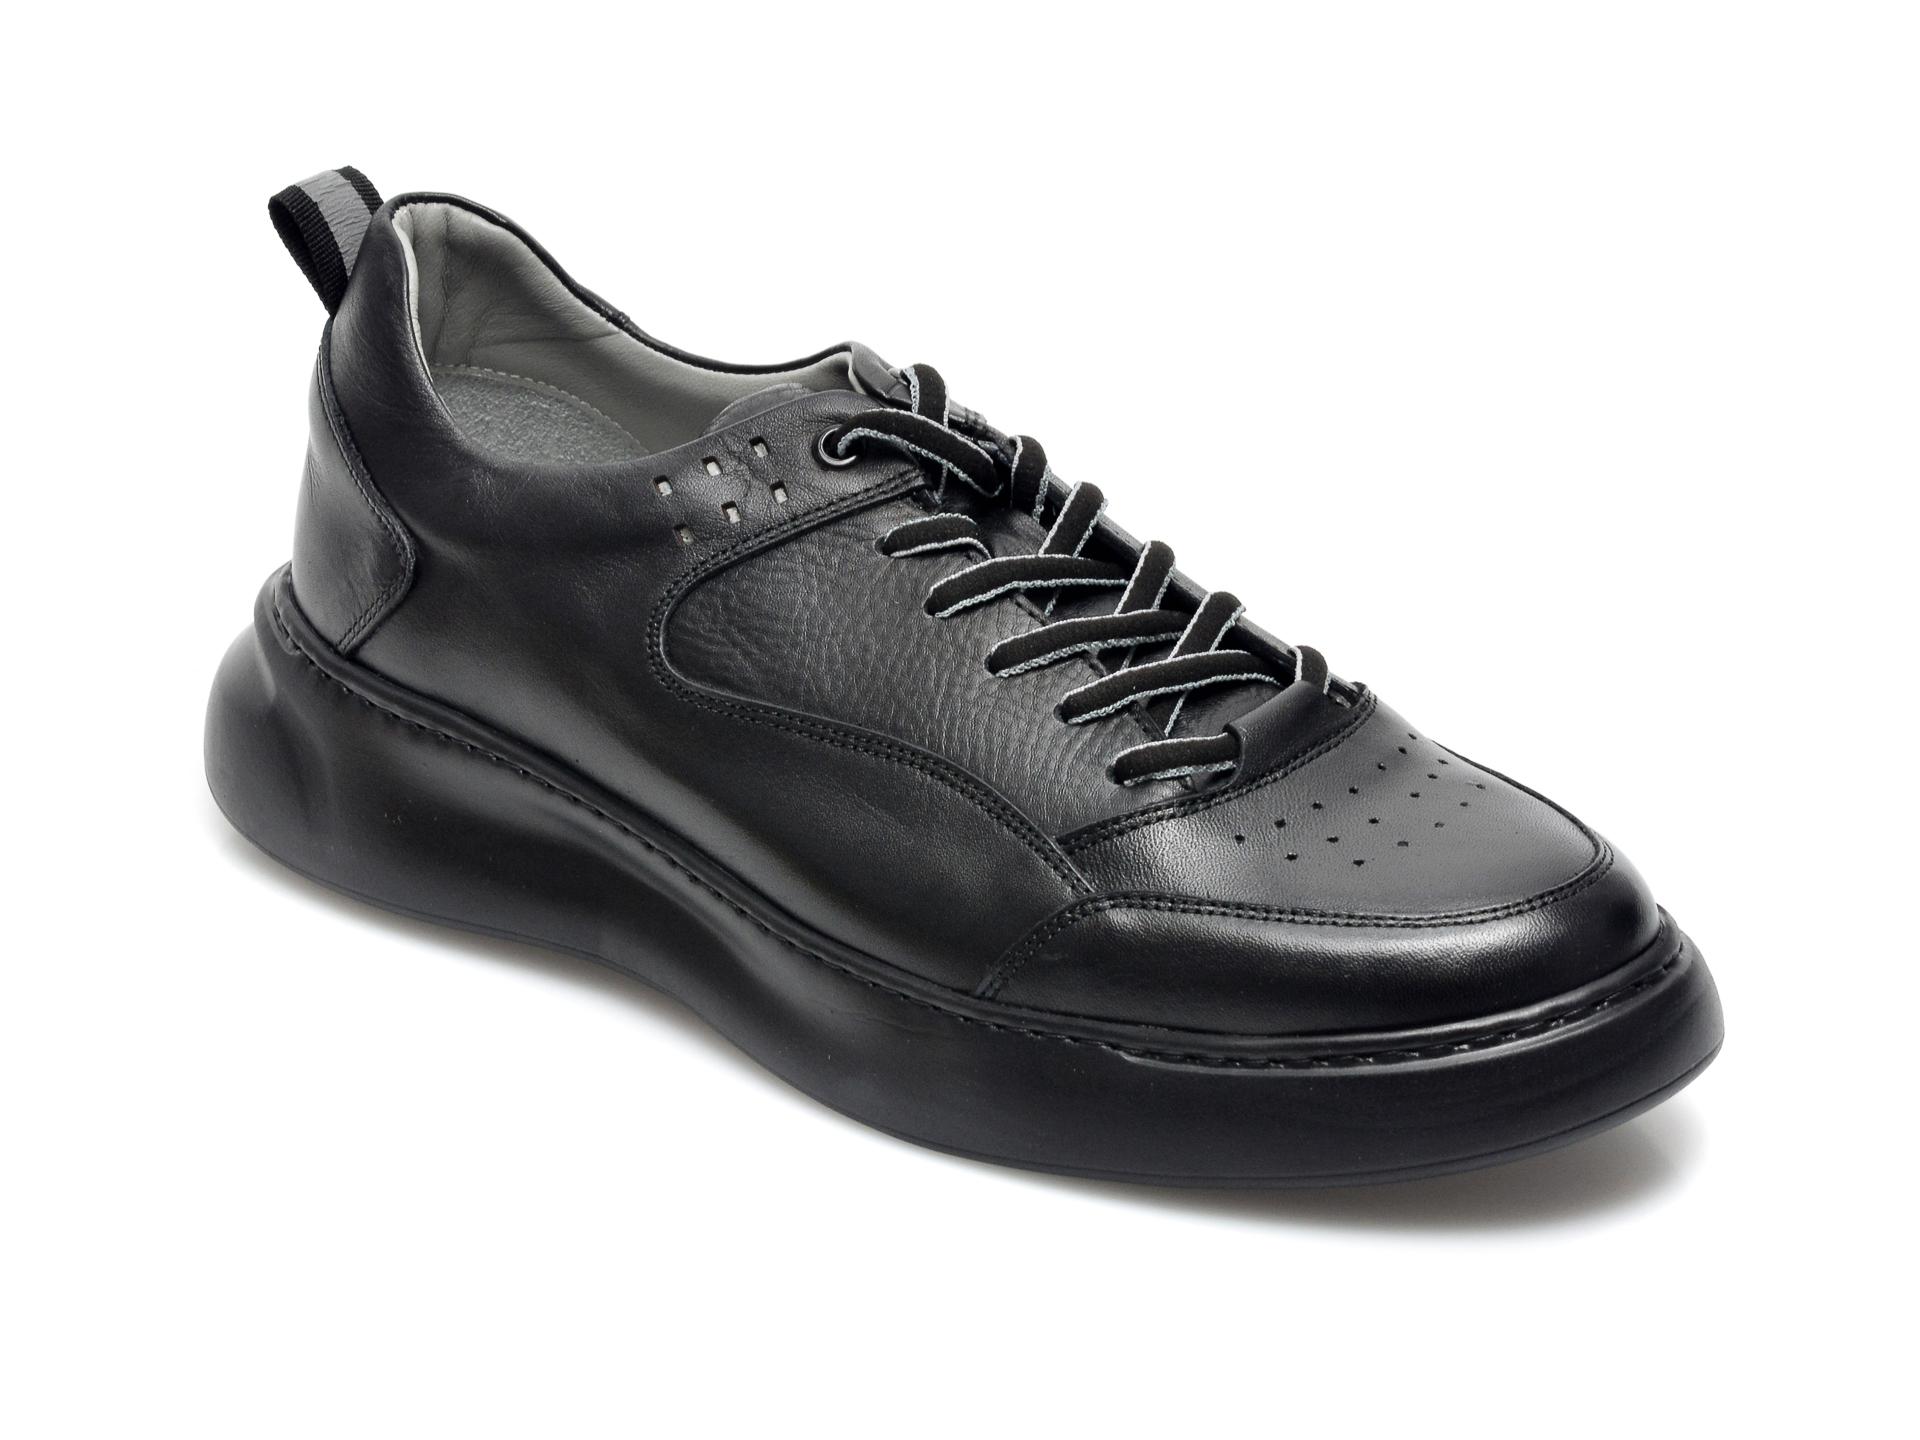 Pantofi OTTER negri, 25502, din piele naturala imagine otter.ro